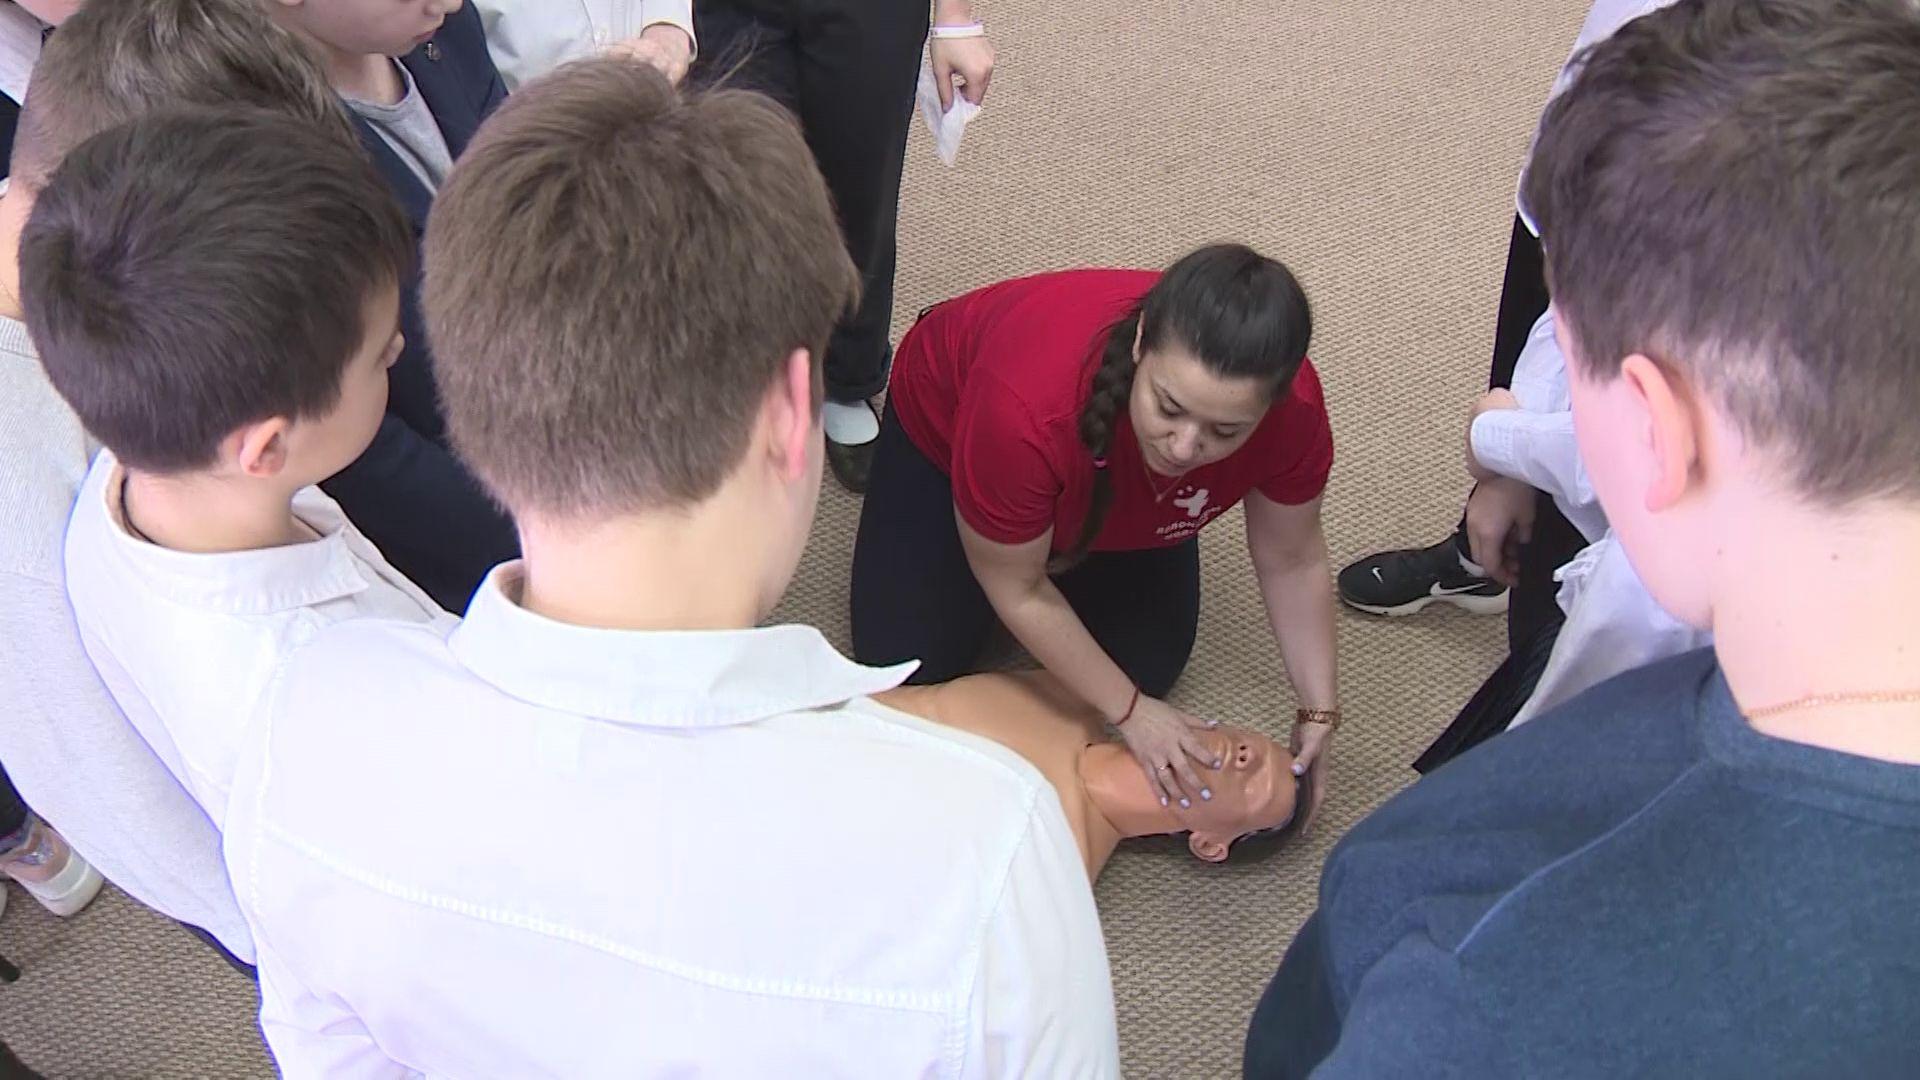 В ярославской школе прошел Всероссийский урок по оказанию первой помощи